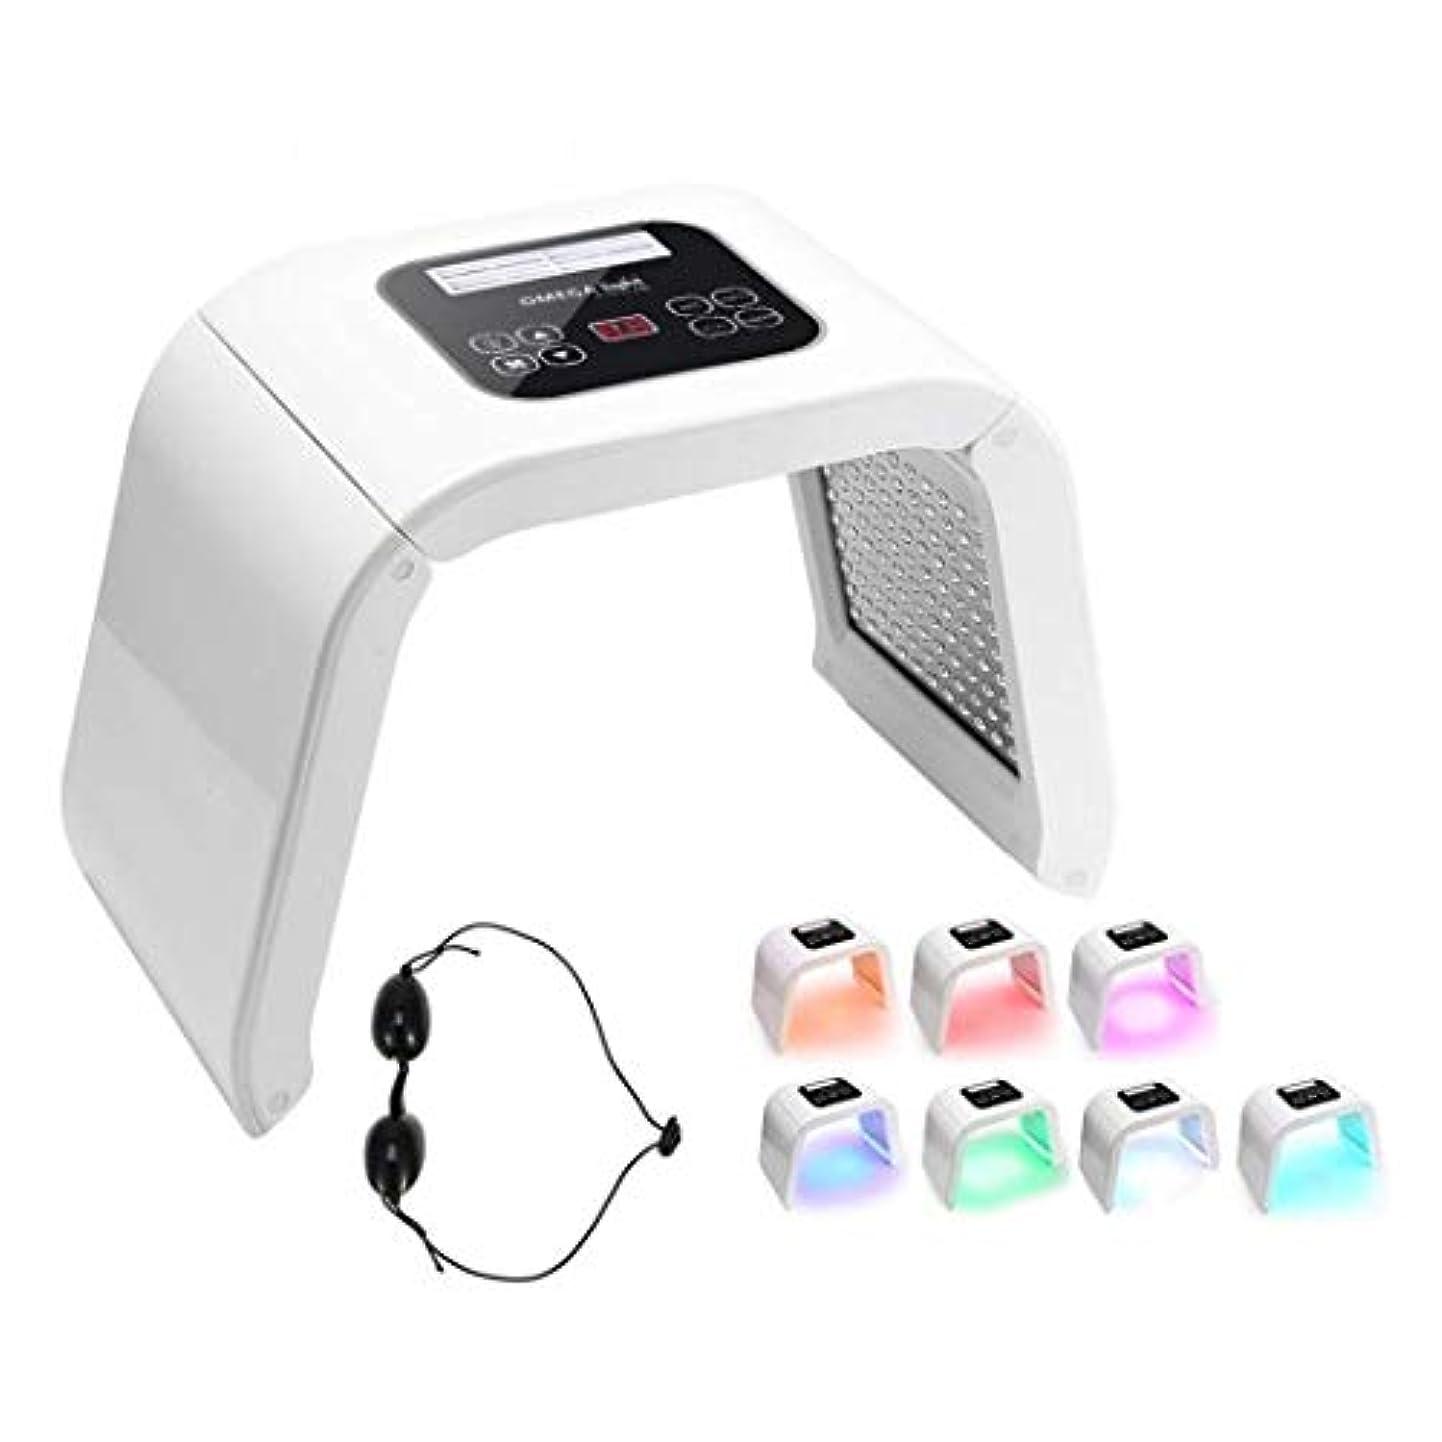 チャペルばかげた裸7色スキンケア肌の若返りマシン - PDT 7 LEDライト光線力学フォトンセラピー若返り顔の美容機器